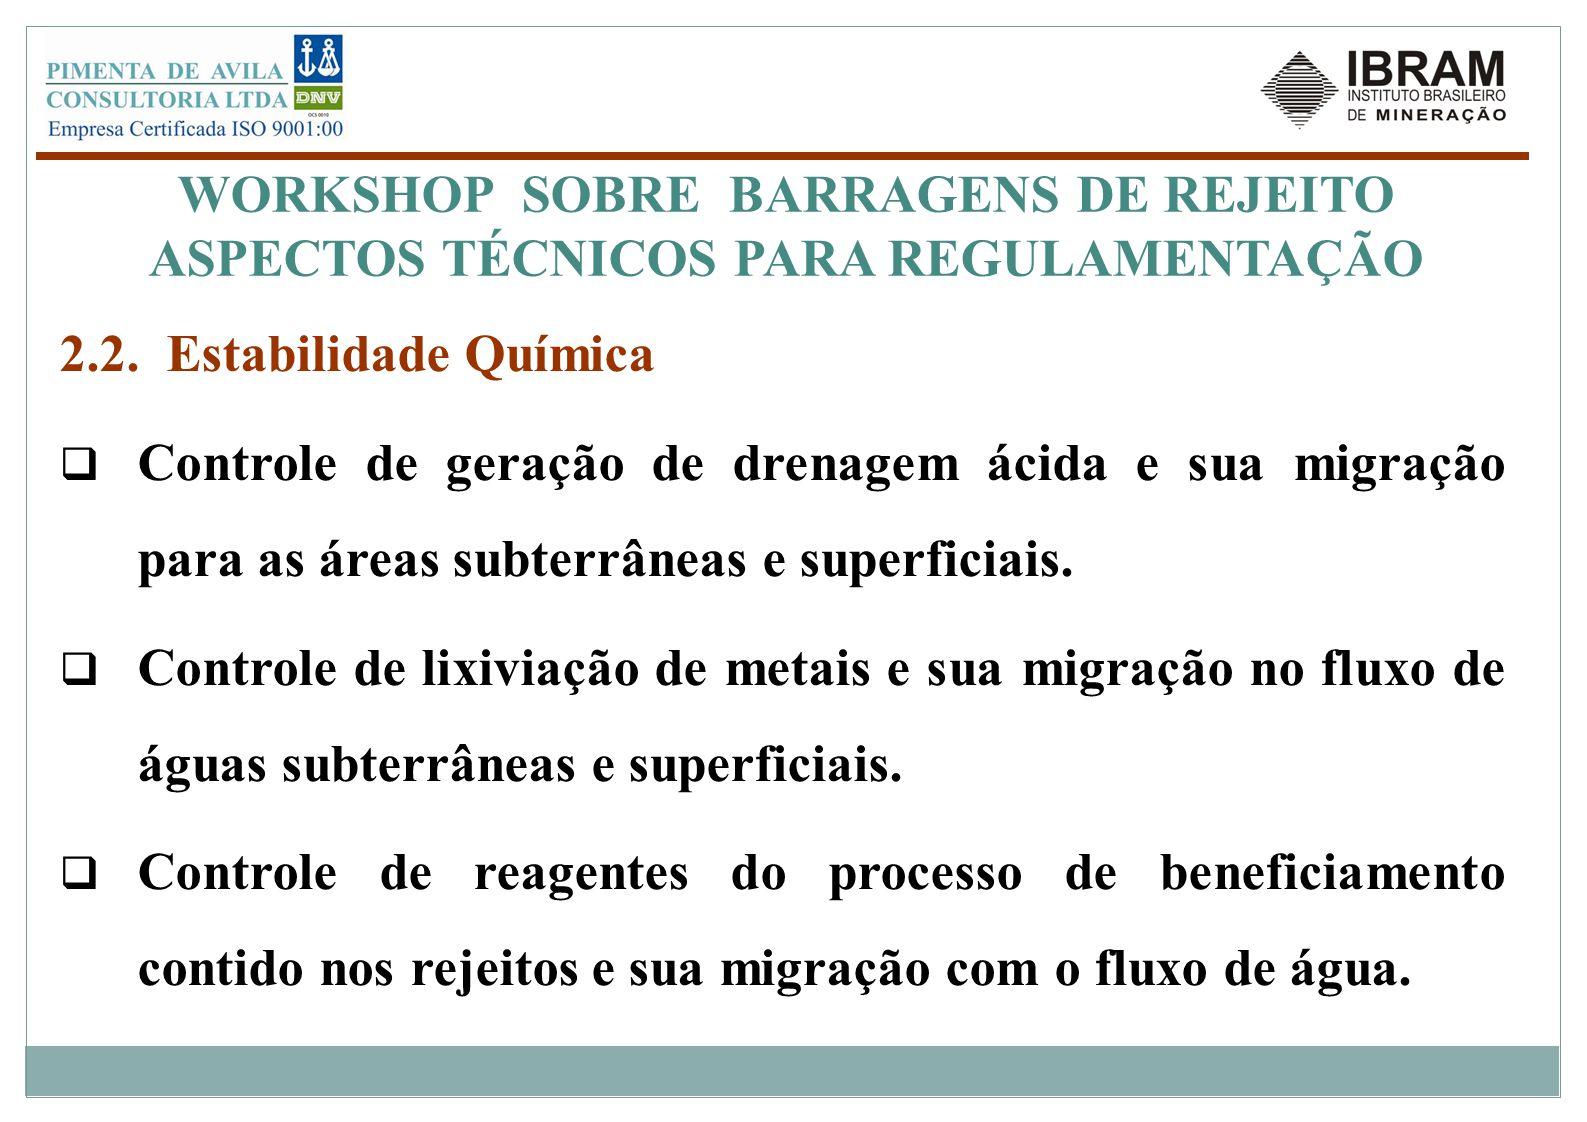 WORKSHOP SOBRE BARRAGENS DE REJEITO ASPECTOS TÉCNICOS PARA REGULAMENTAÇÃO